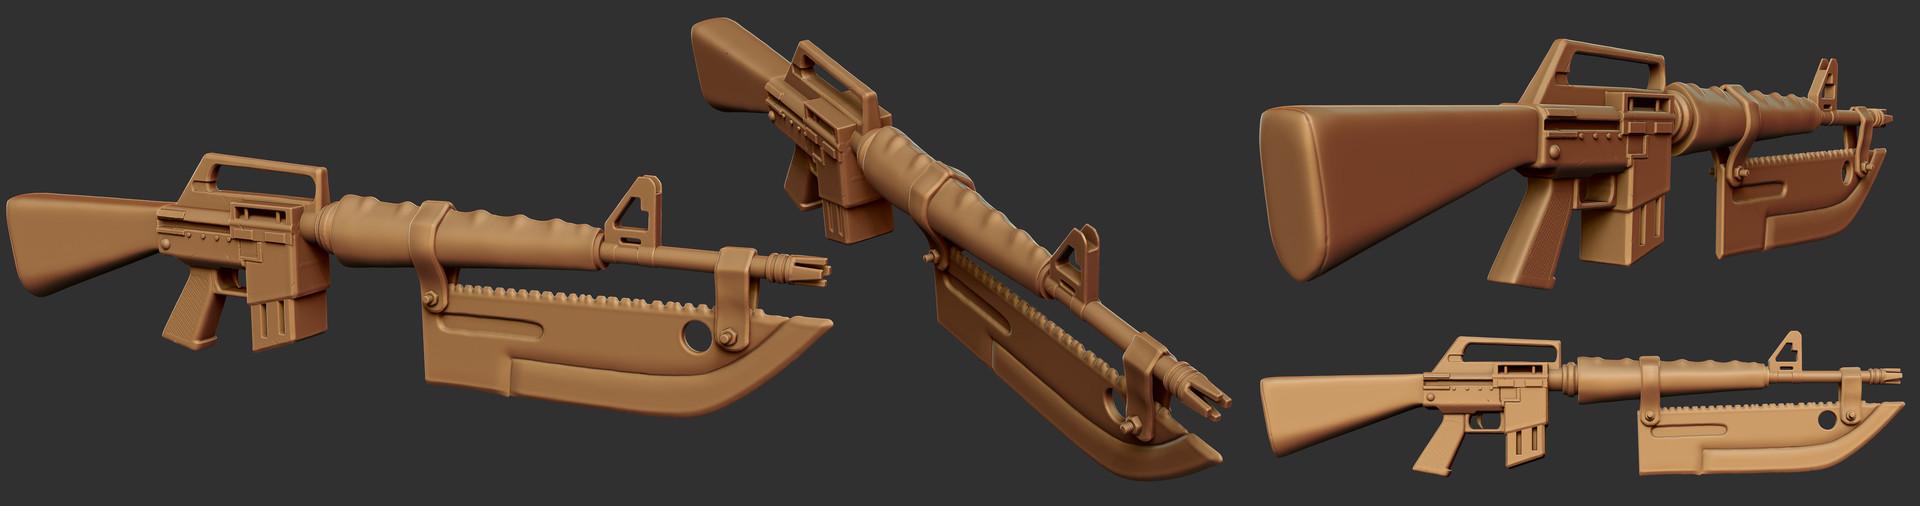 Weston reid ares solider gun